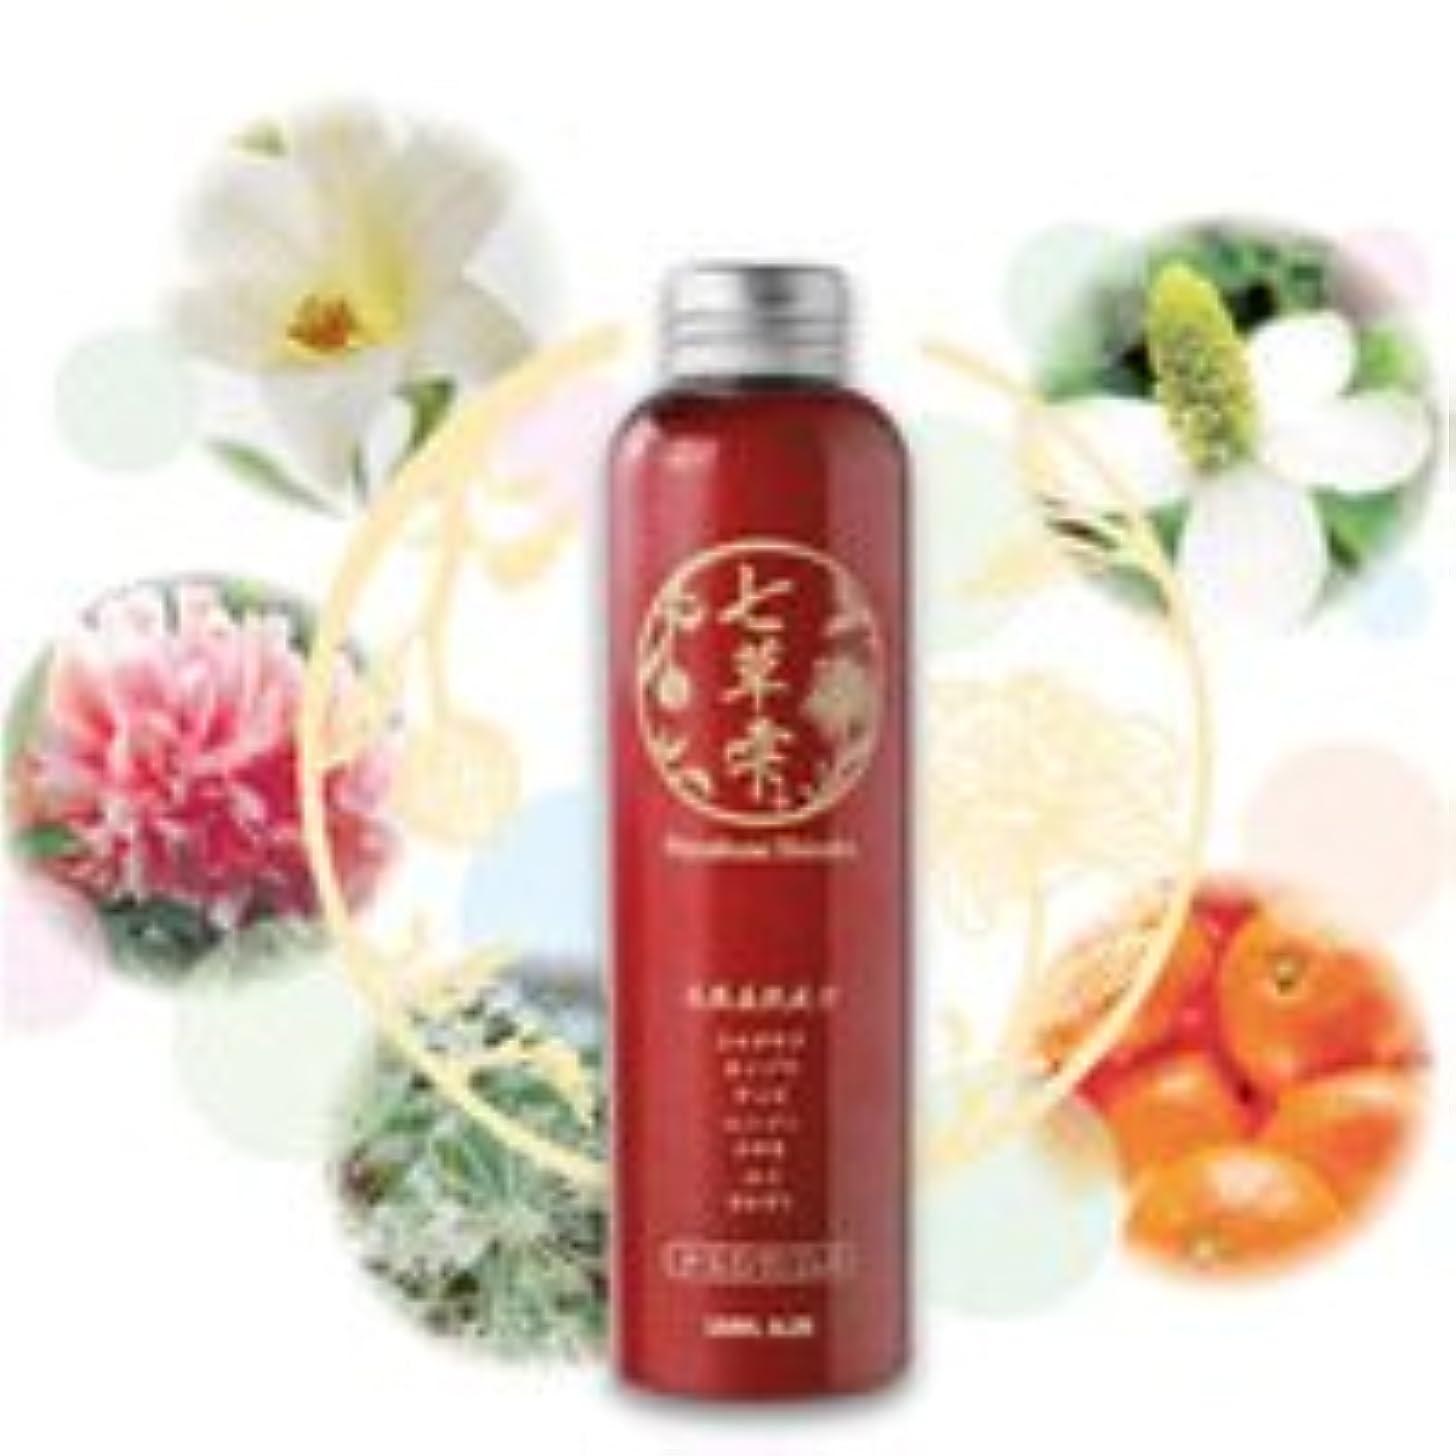 シェア集中的な完了七草雫 化粧水 さっぱりタイプ 200ml / フタバ化学 リーブルアロエ